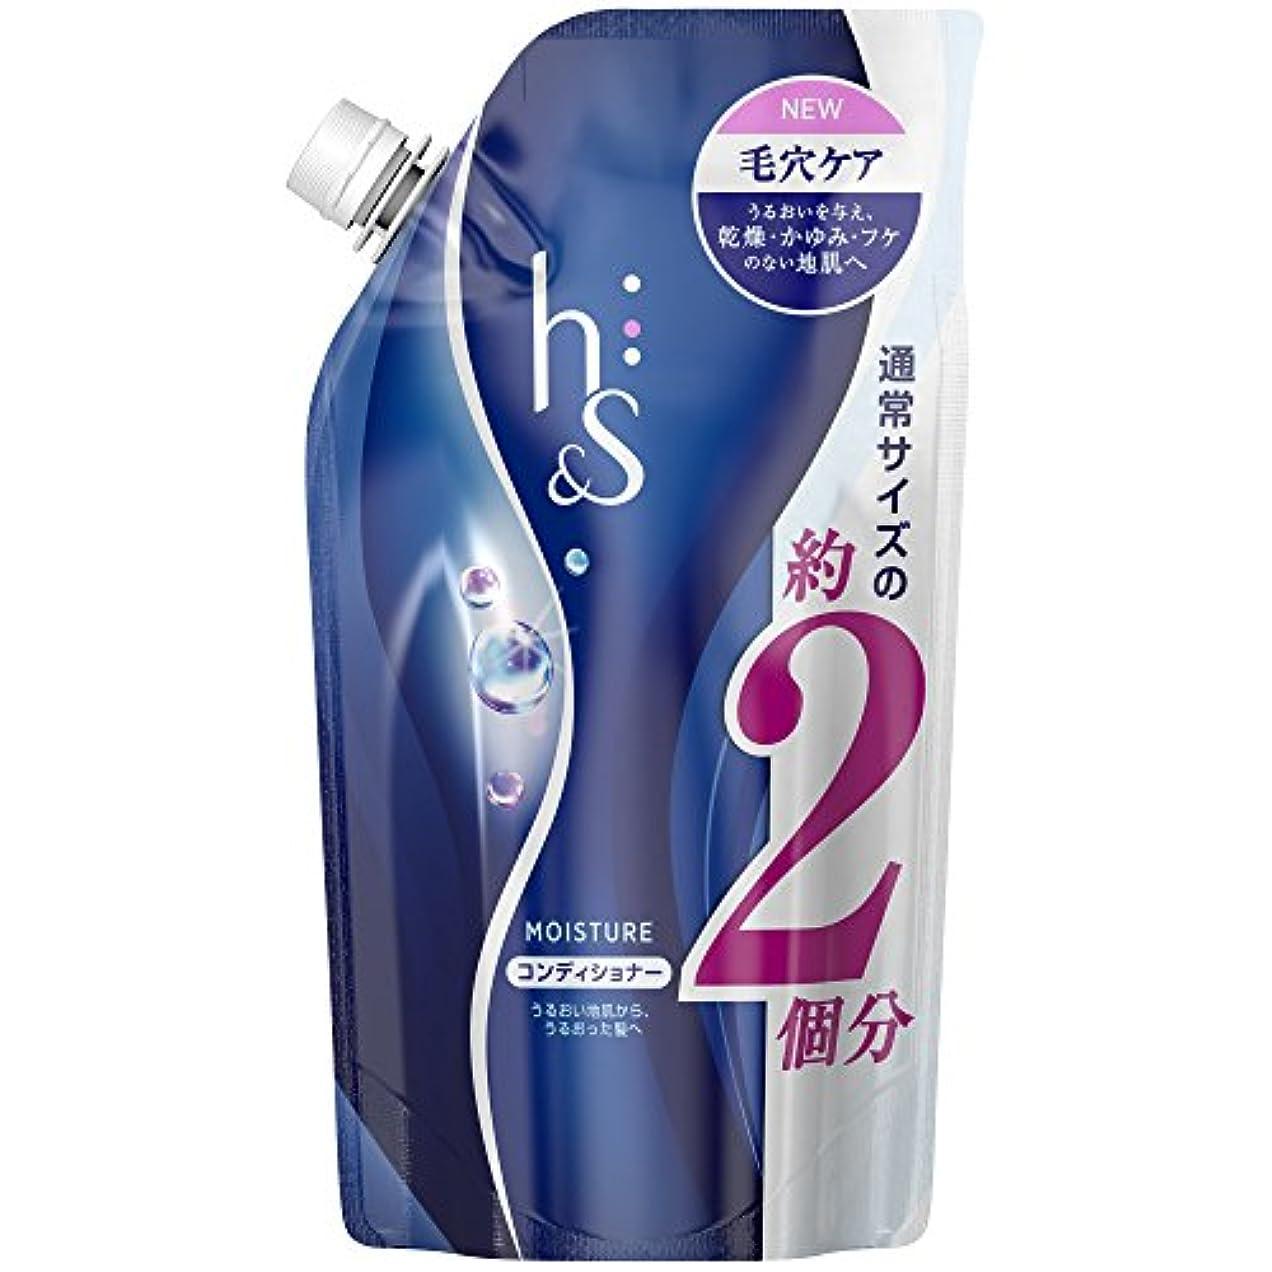 安息クランプ浴室【大容量】エイチアンドエス(h&s) コンディショナー ヘッドスパ モイスチャー 詰替用 575g